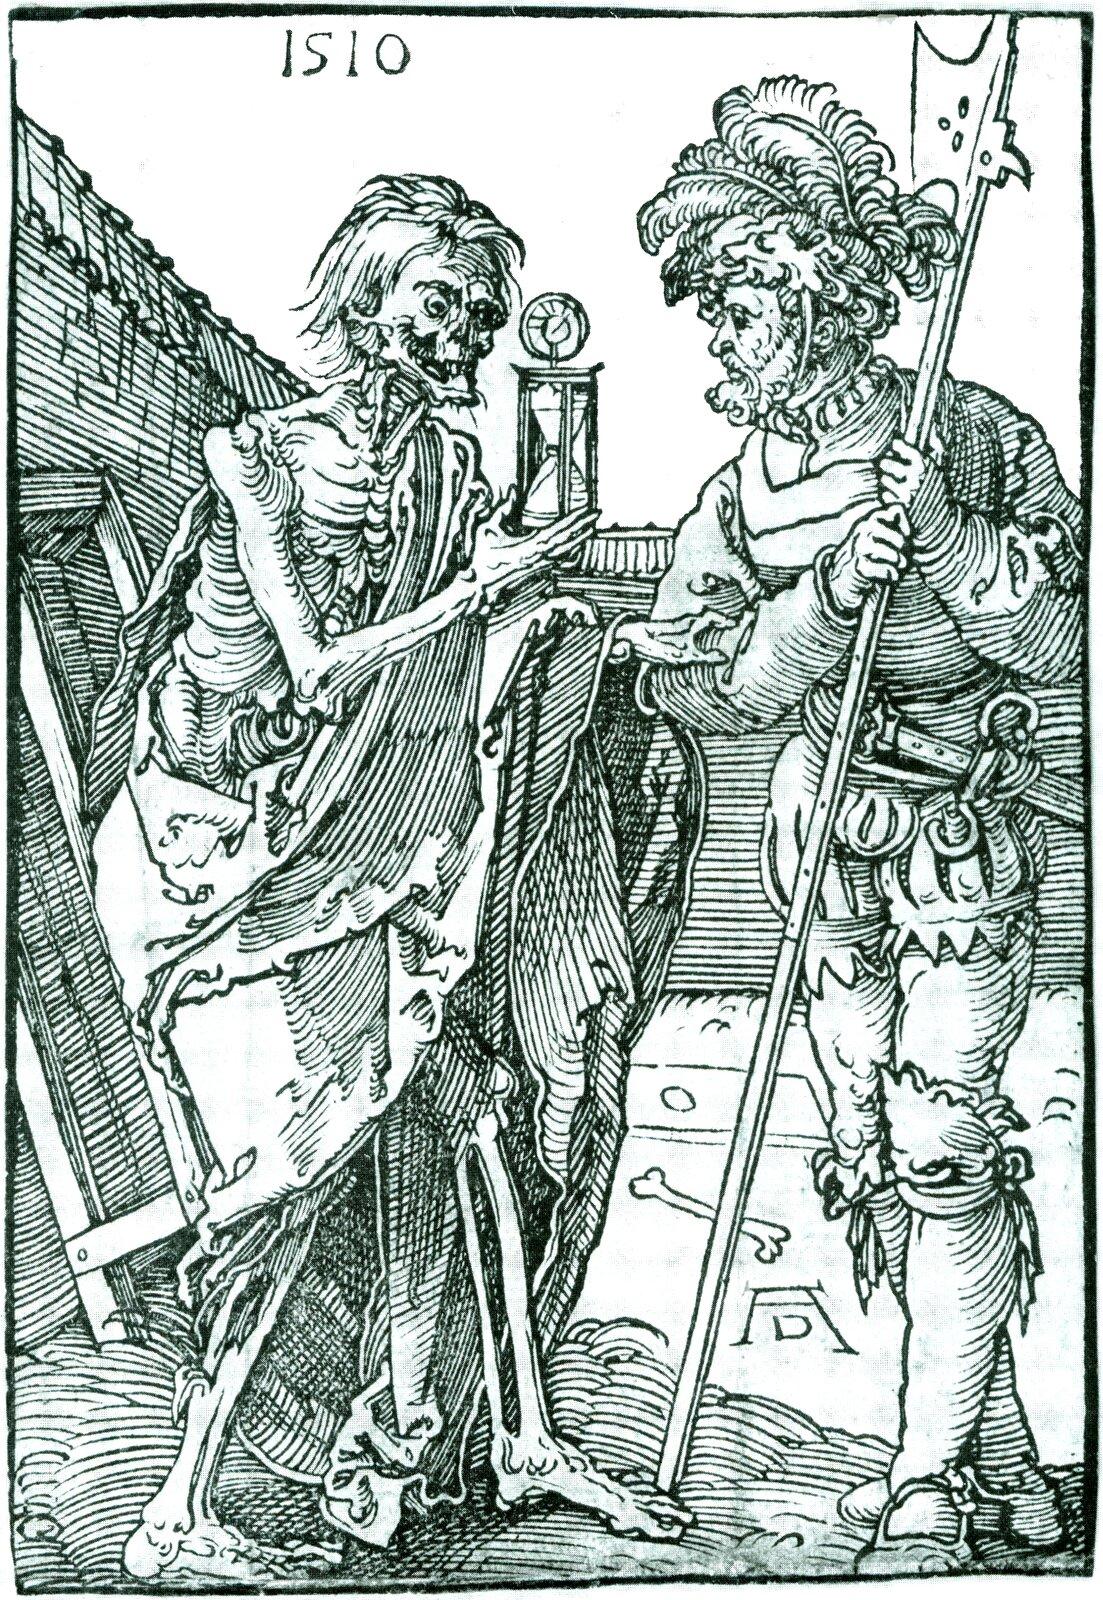 Śmierć irycerz Wyjaśnij,co symbolizuje przedmiot trzymany przez Śmierć. Źródło: Albrecht Dürer, Śmierć irycerz, 1510, drzeworyt, domena publiczna.